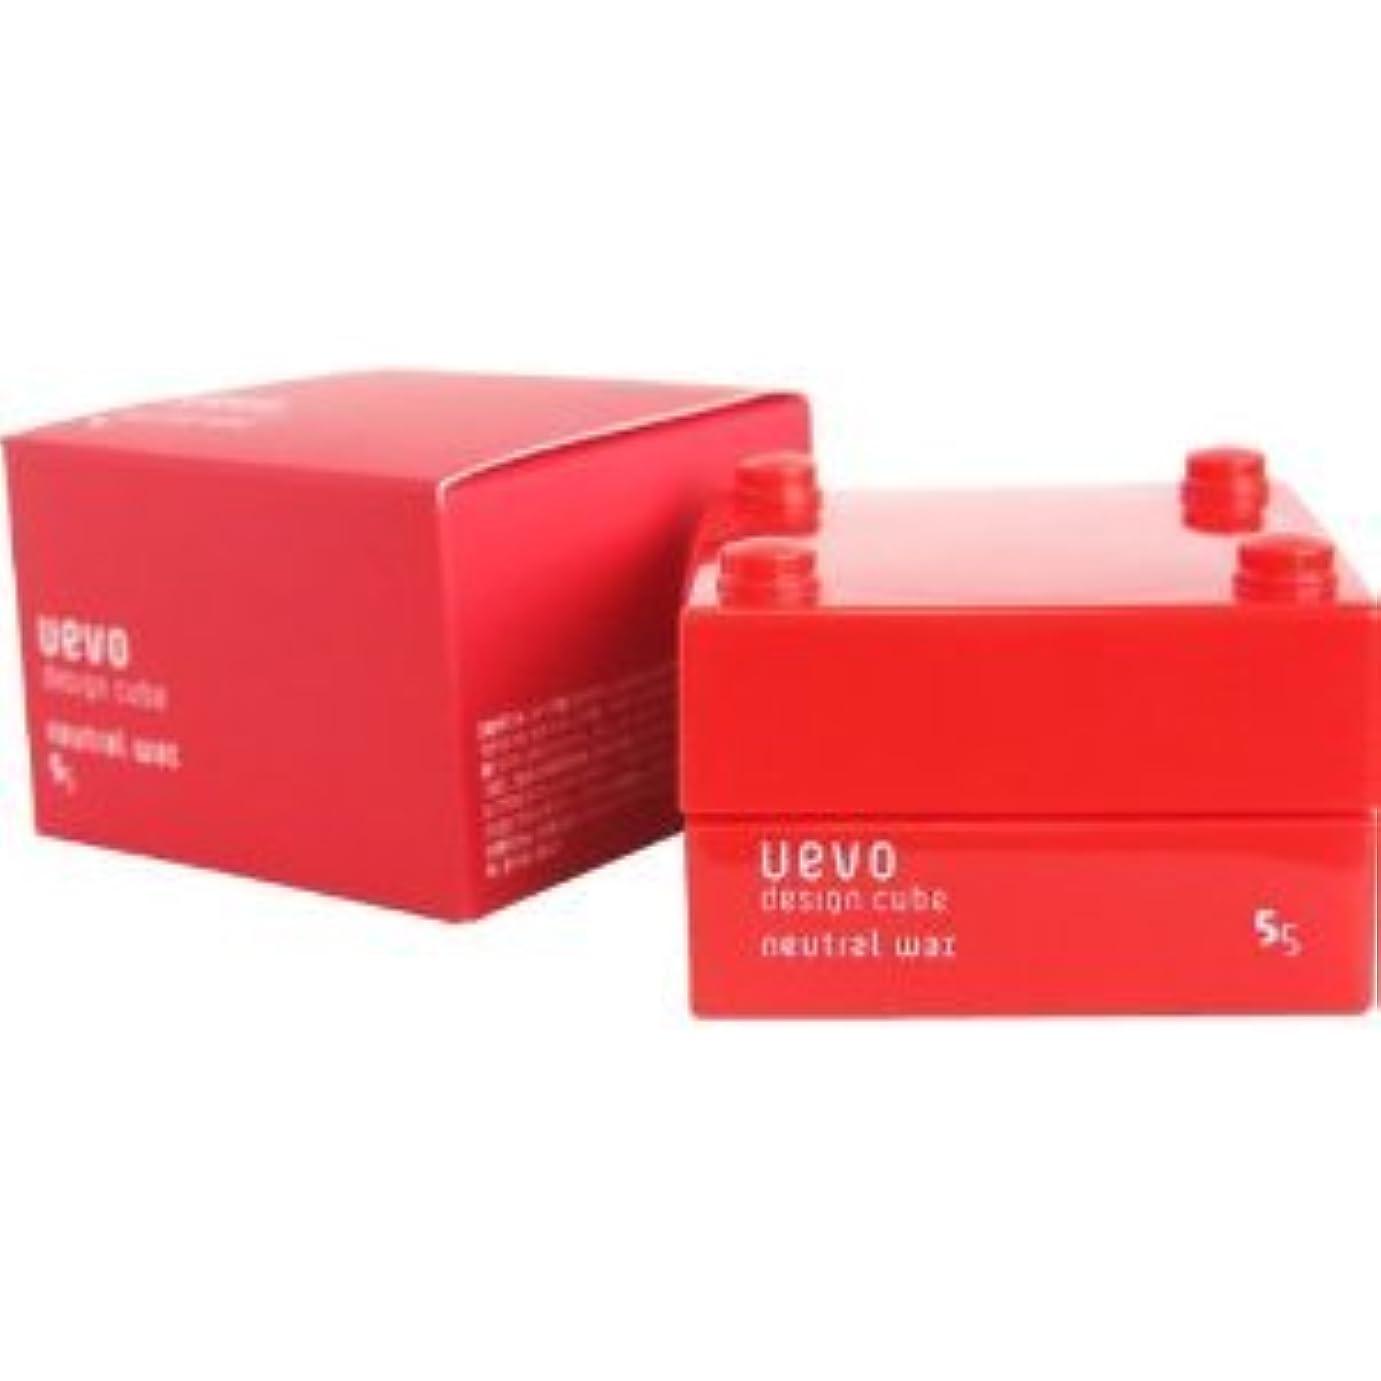 ボウルビタミン口述【X3個セット】 デミ ウェーボ デザインキューブ ニュートラルワックス 30g neutral wax DEMI uevo design cube